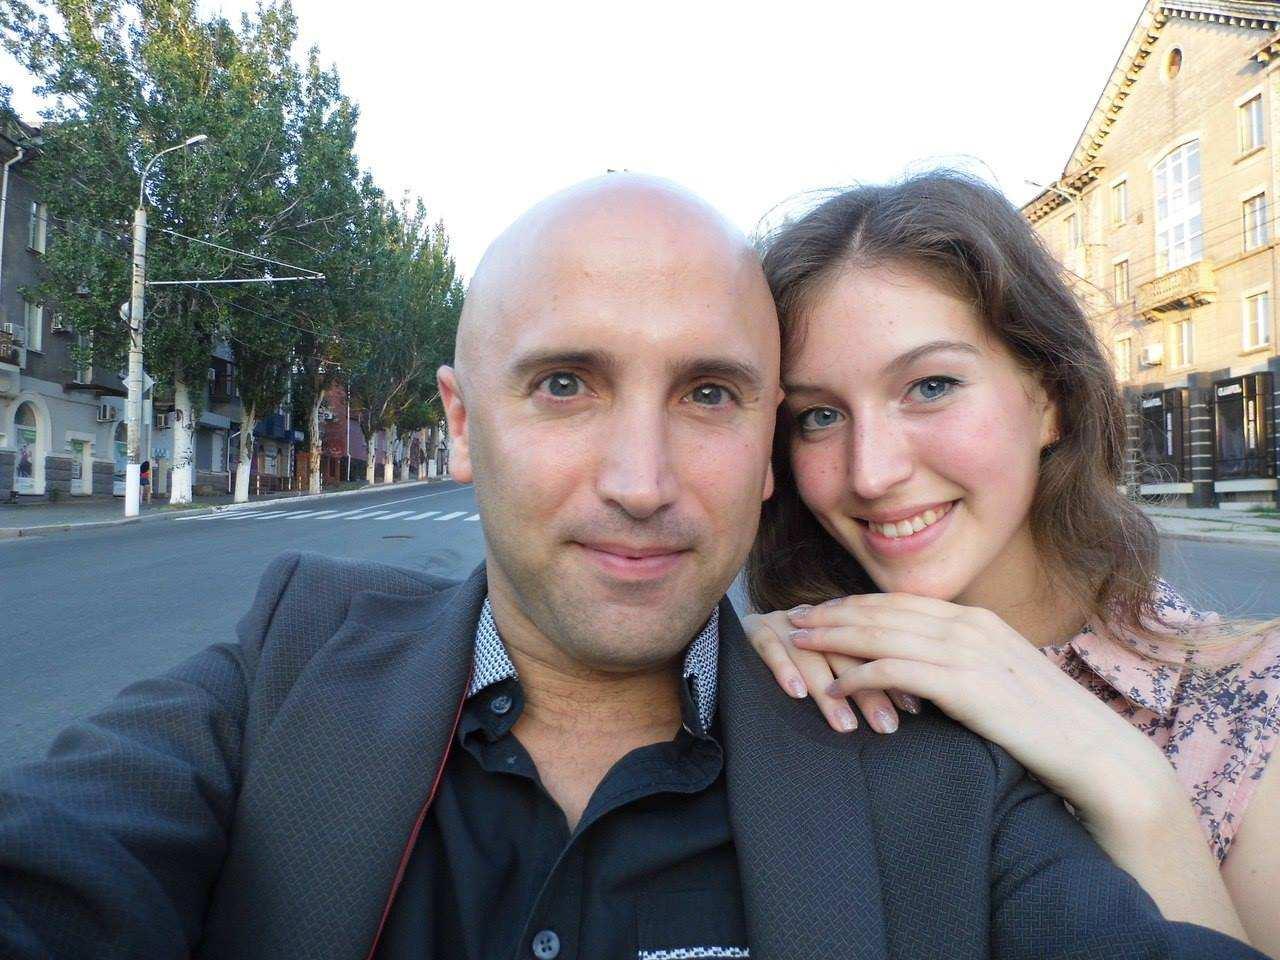 Грэм Филлипс женится на девушке из Луганска (ФОТО)   Русская весна